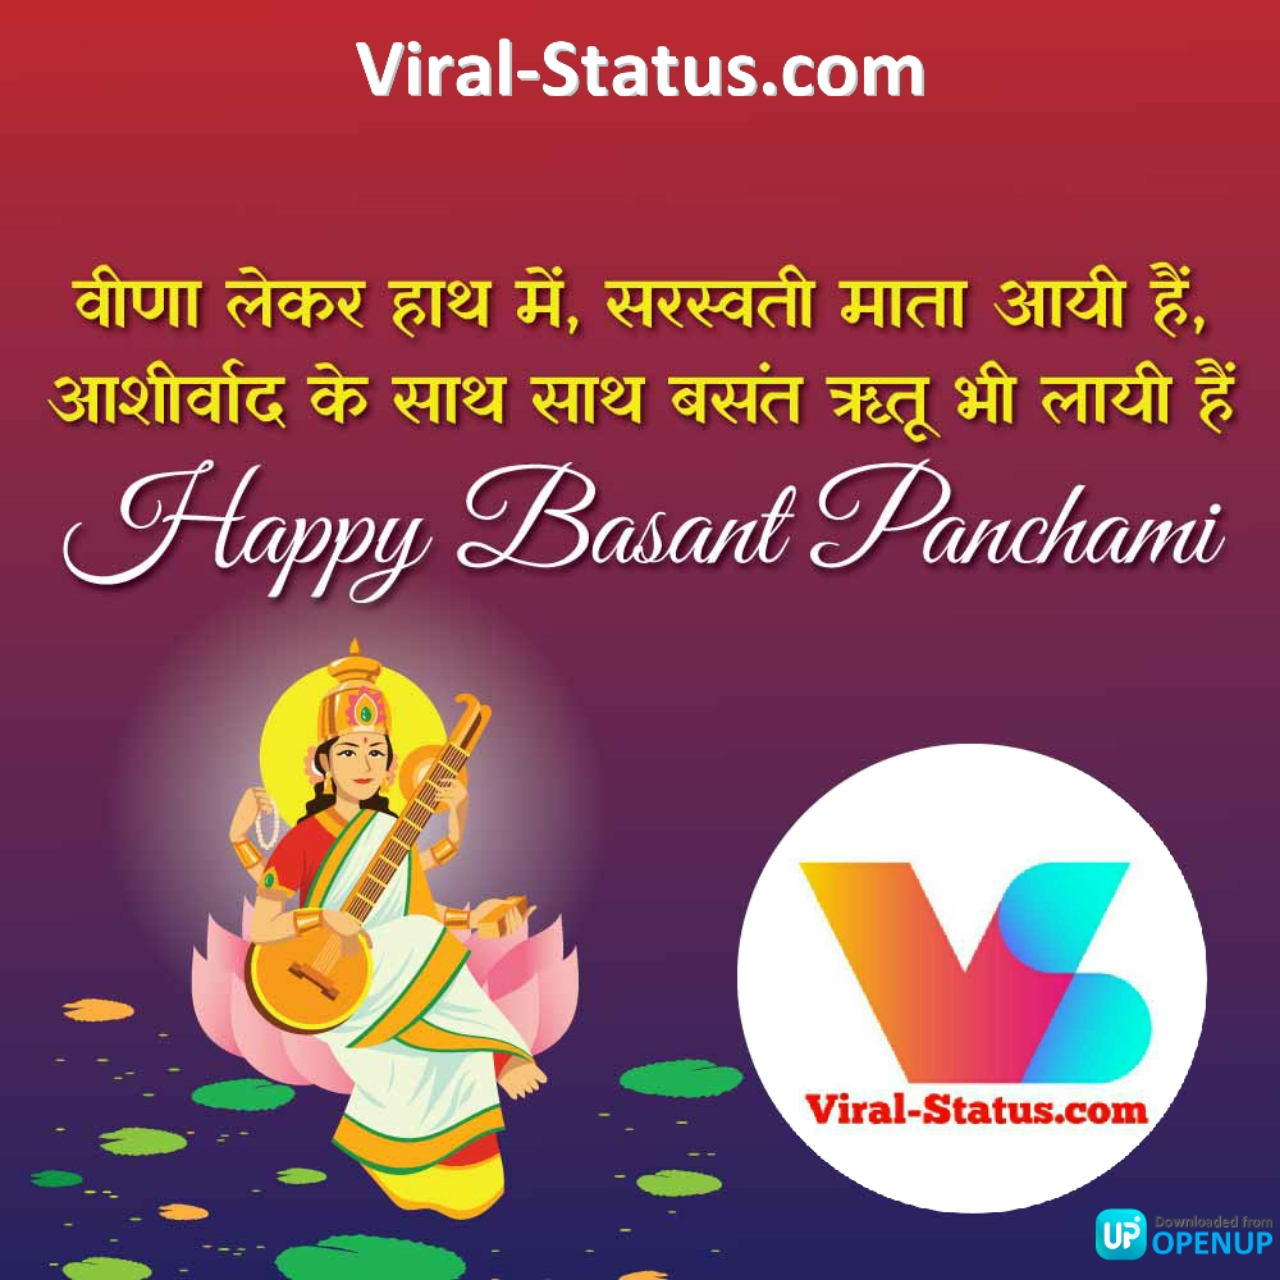 happy basant panchami image